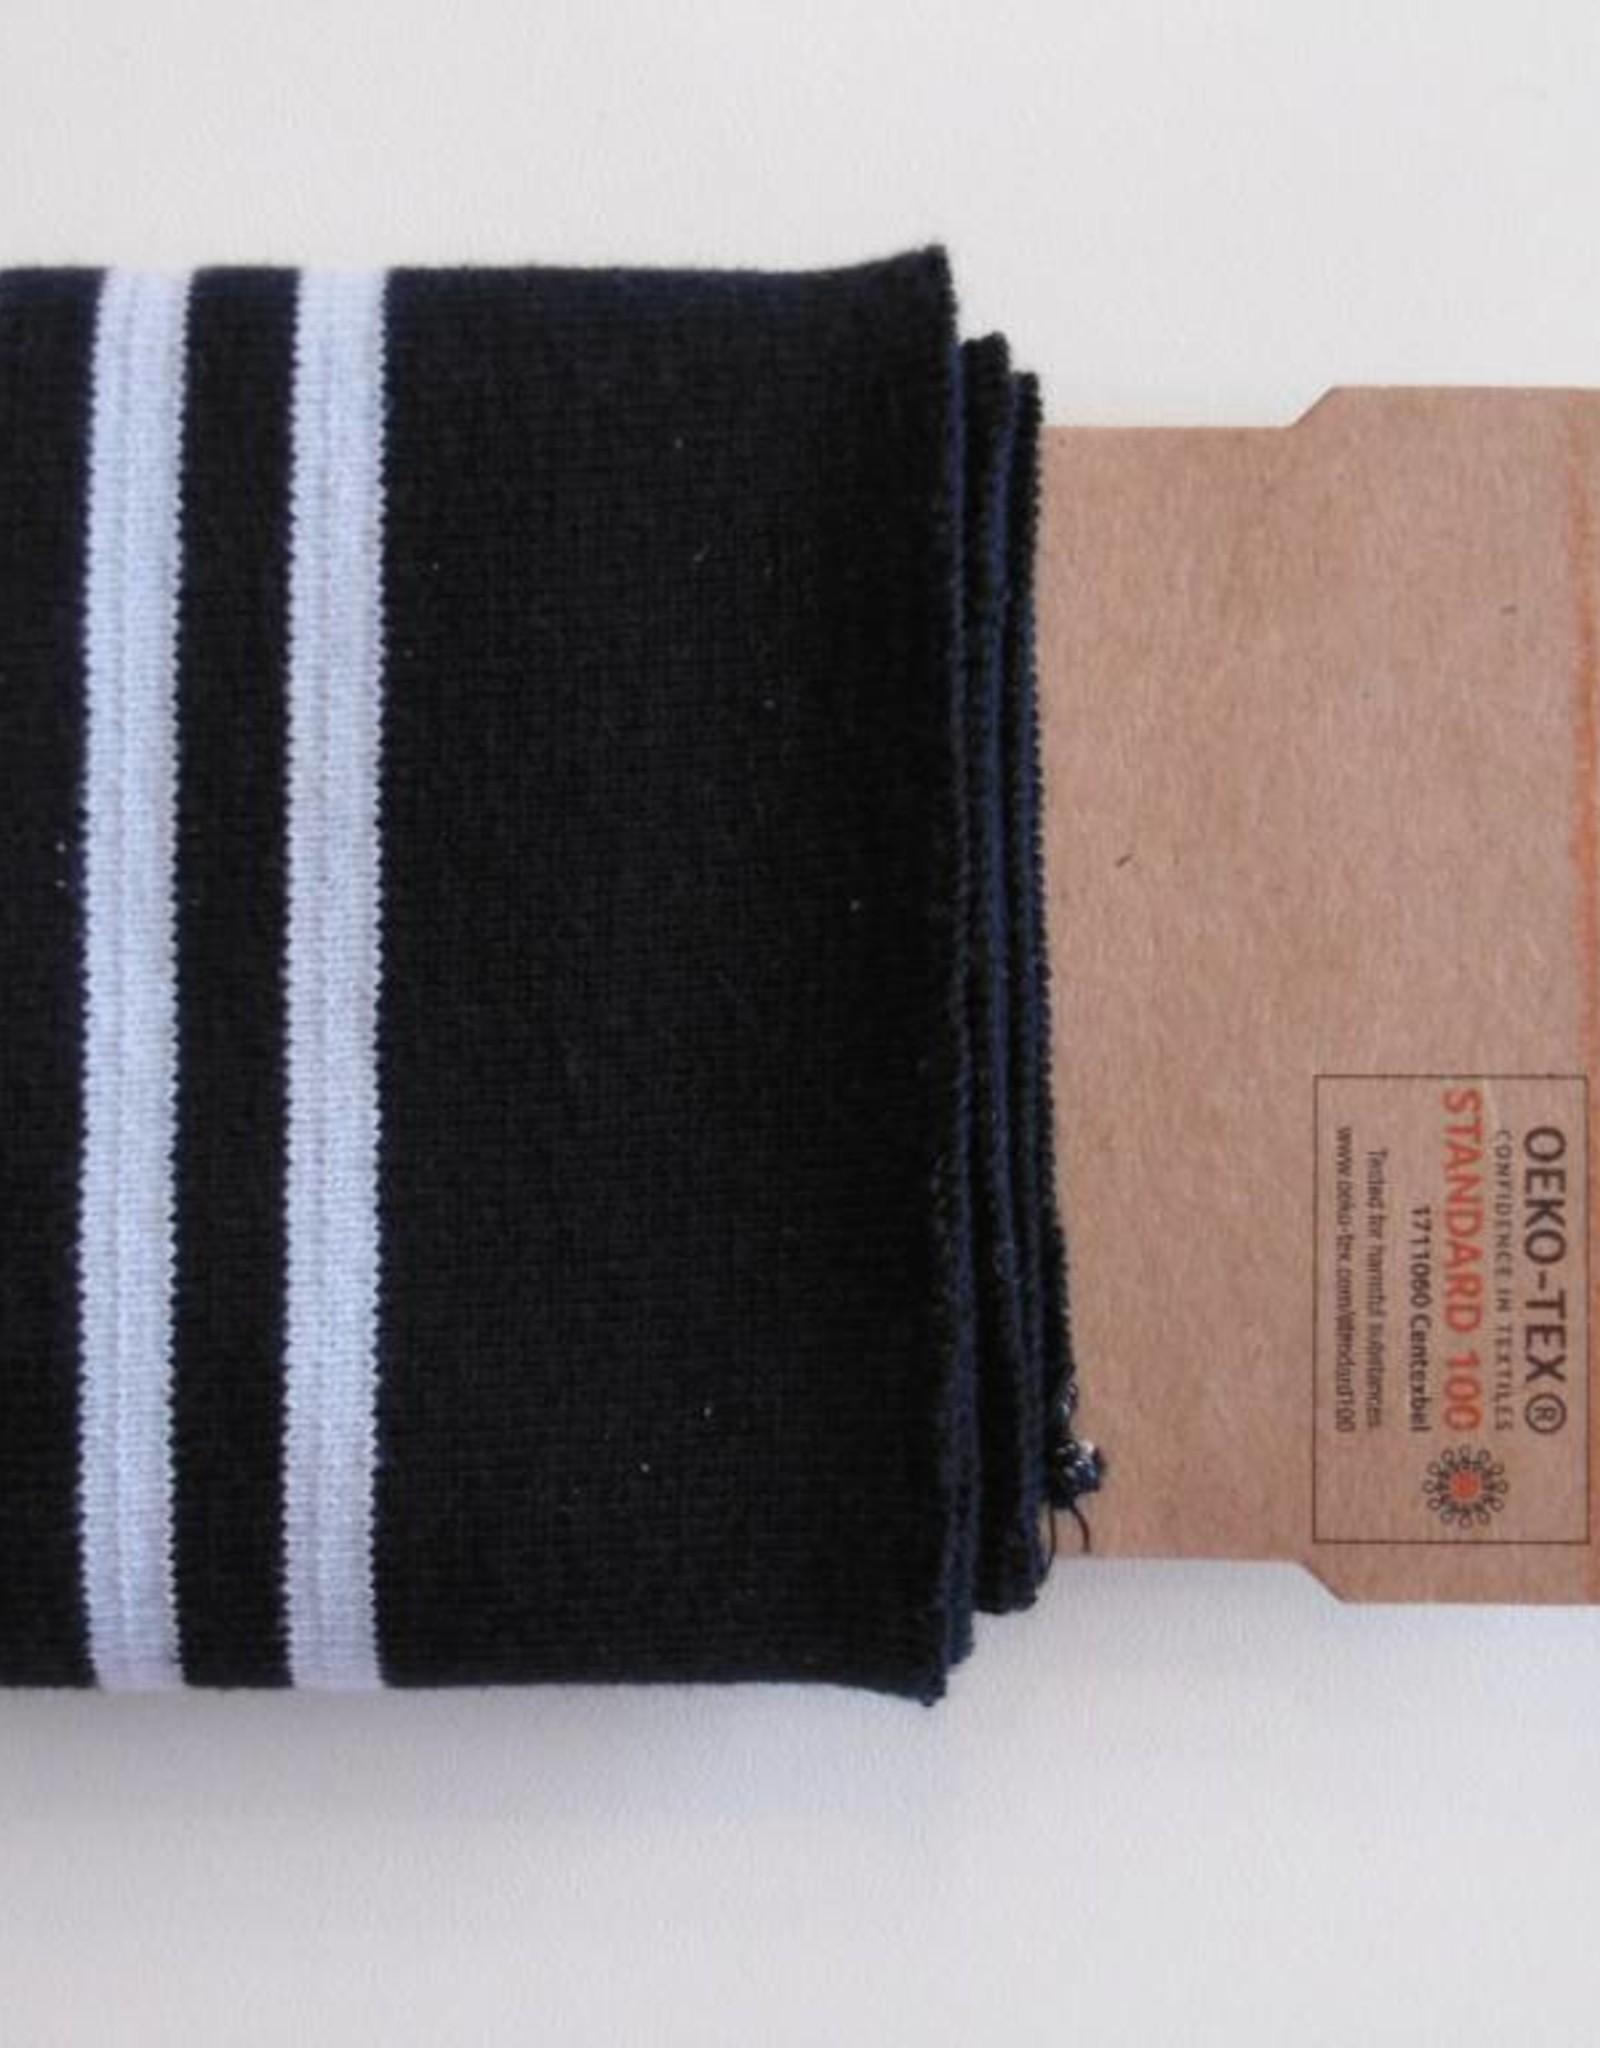 Cuffs strepen blauw/lichtblauw 110*7cm